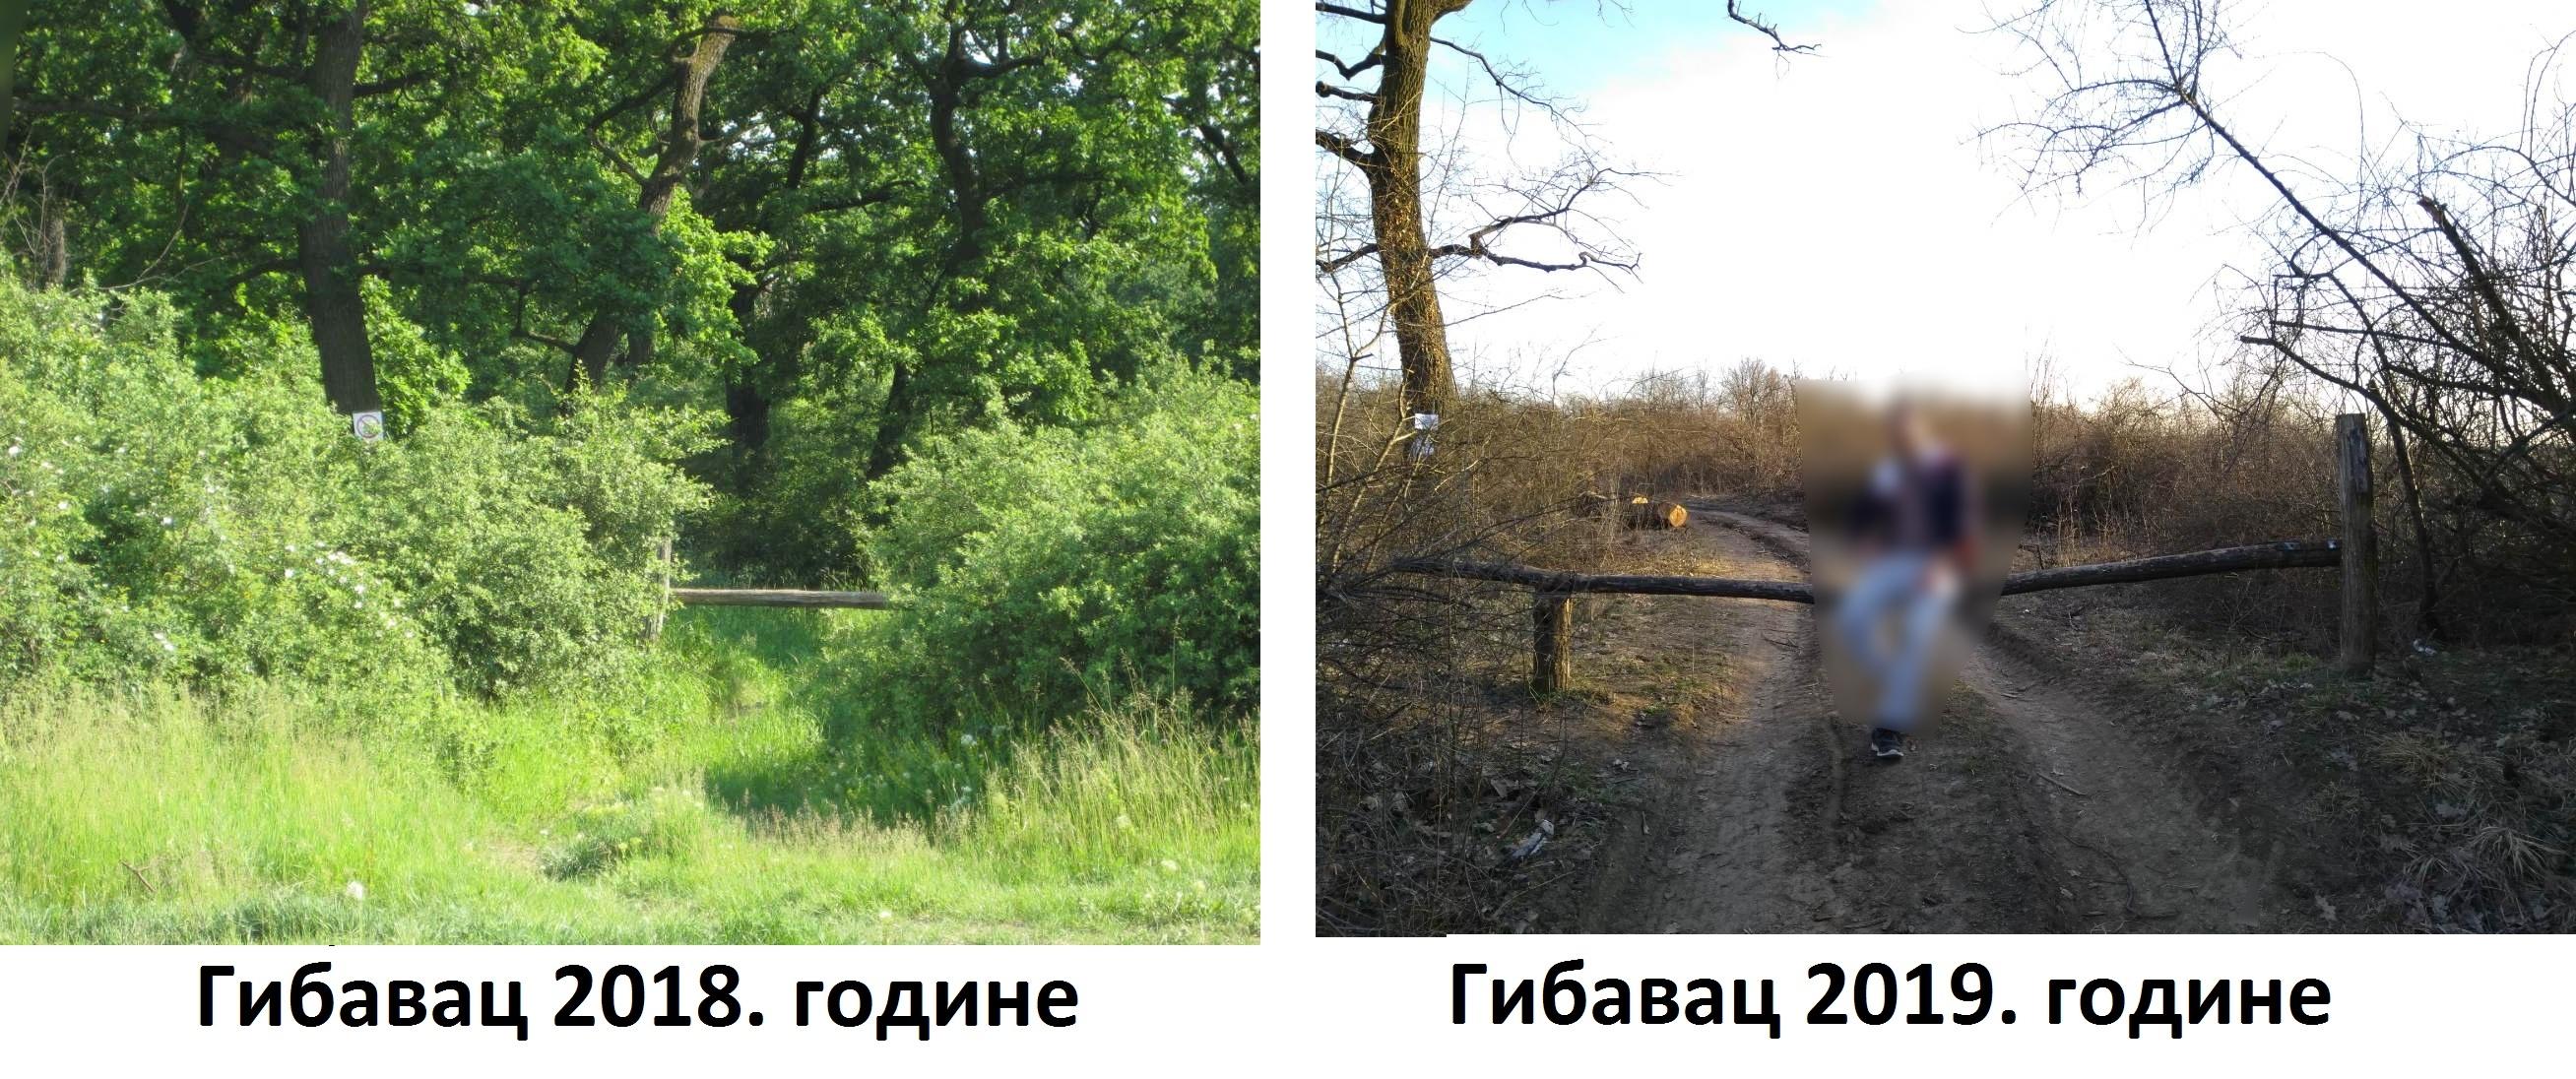 Seča šume Gibavac bila po zakonu 2